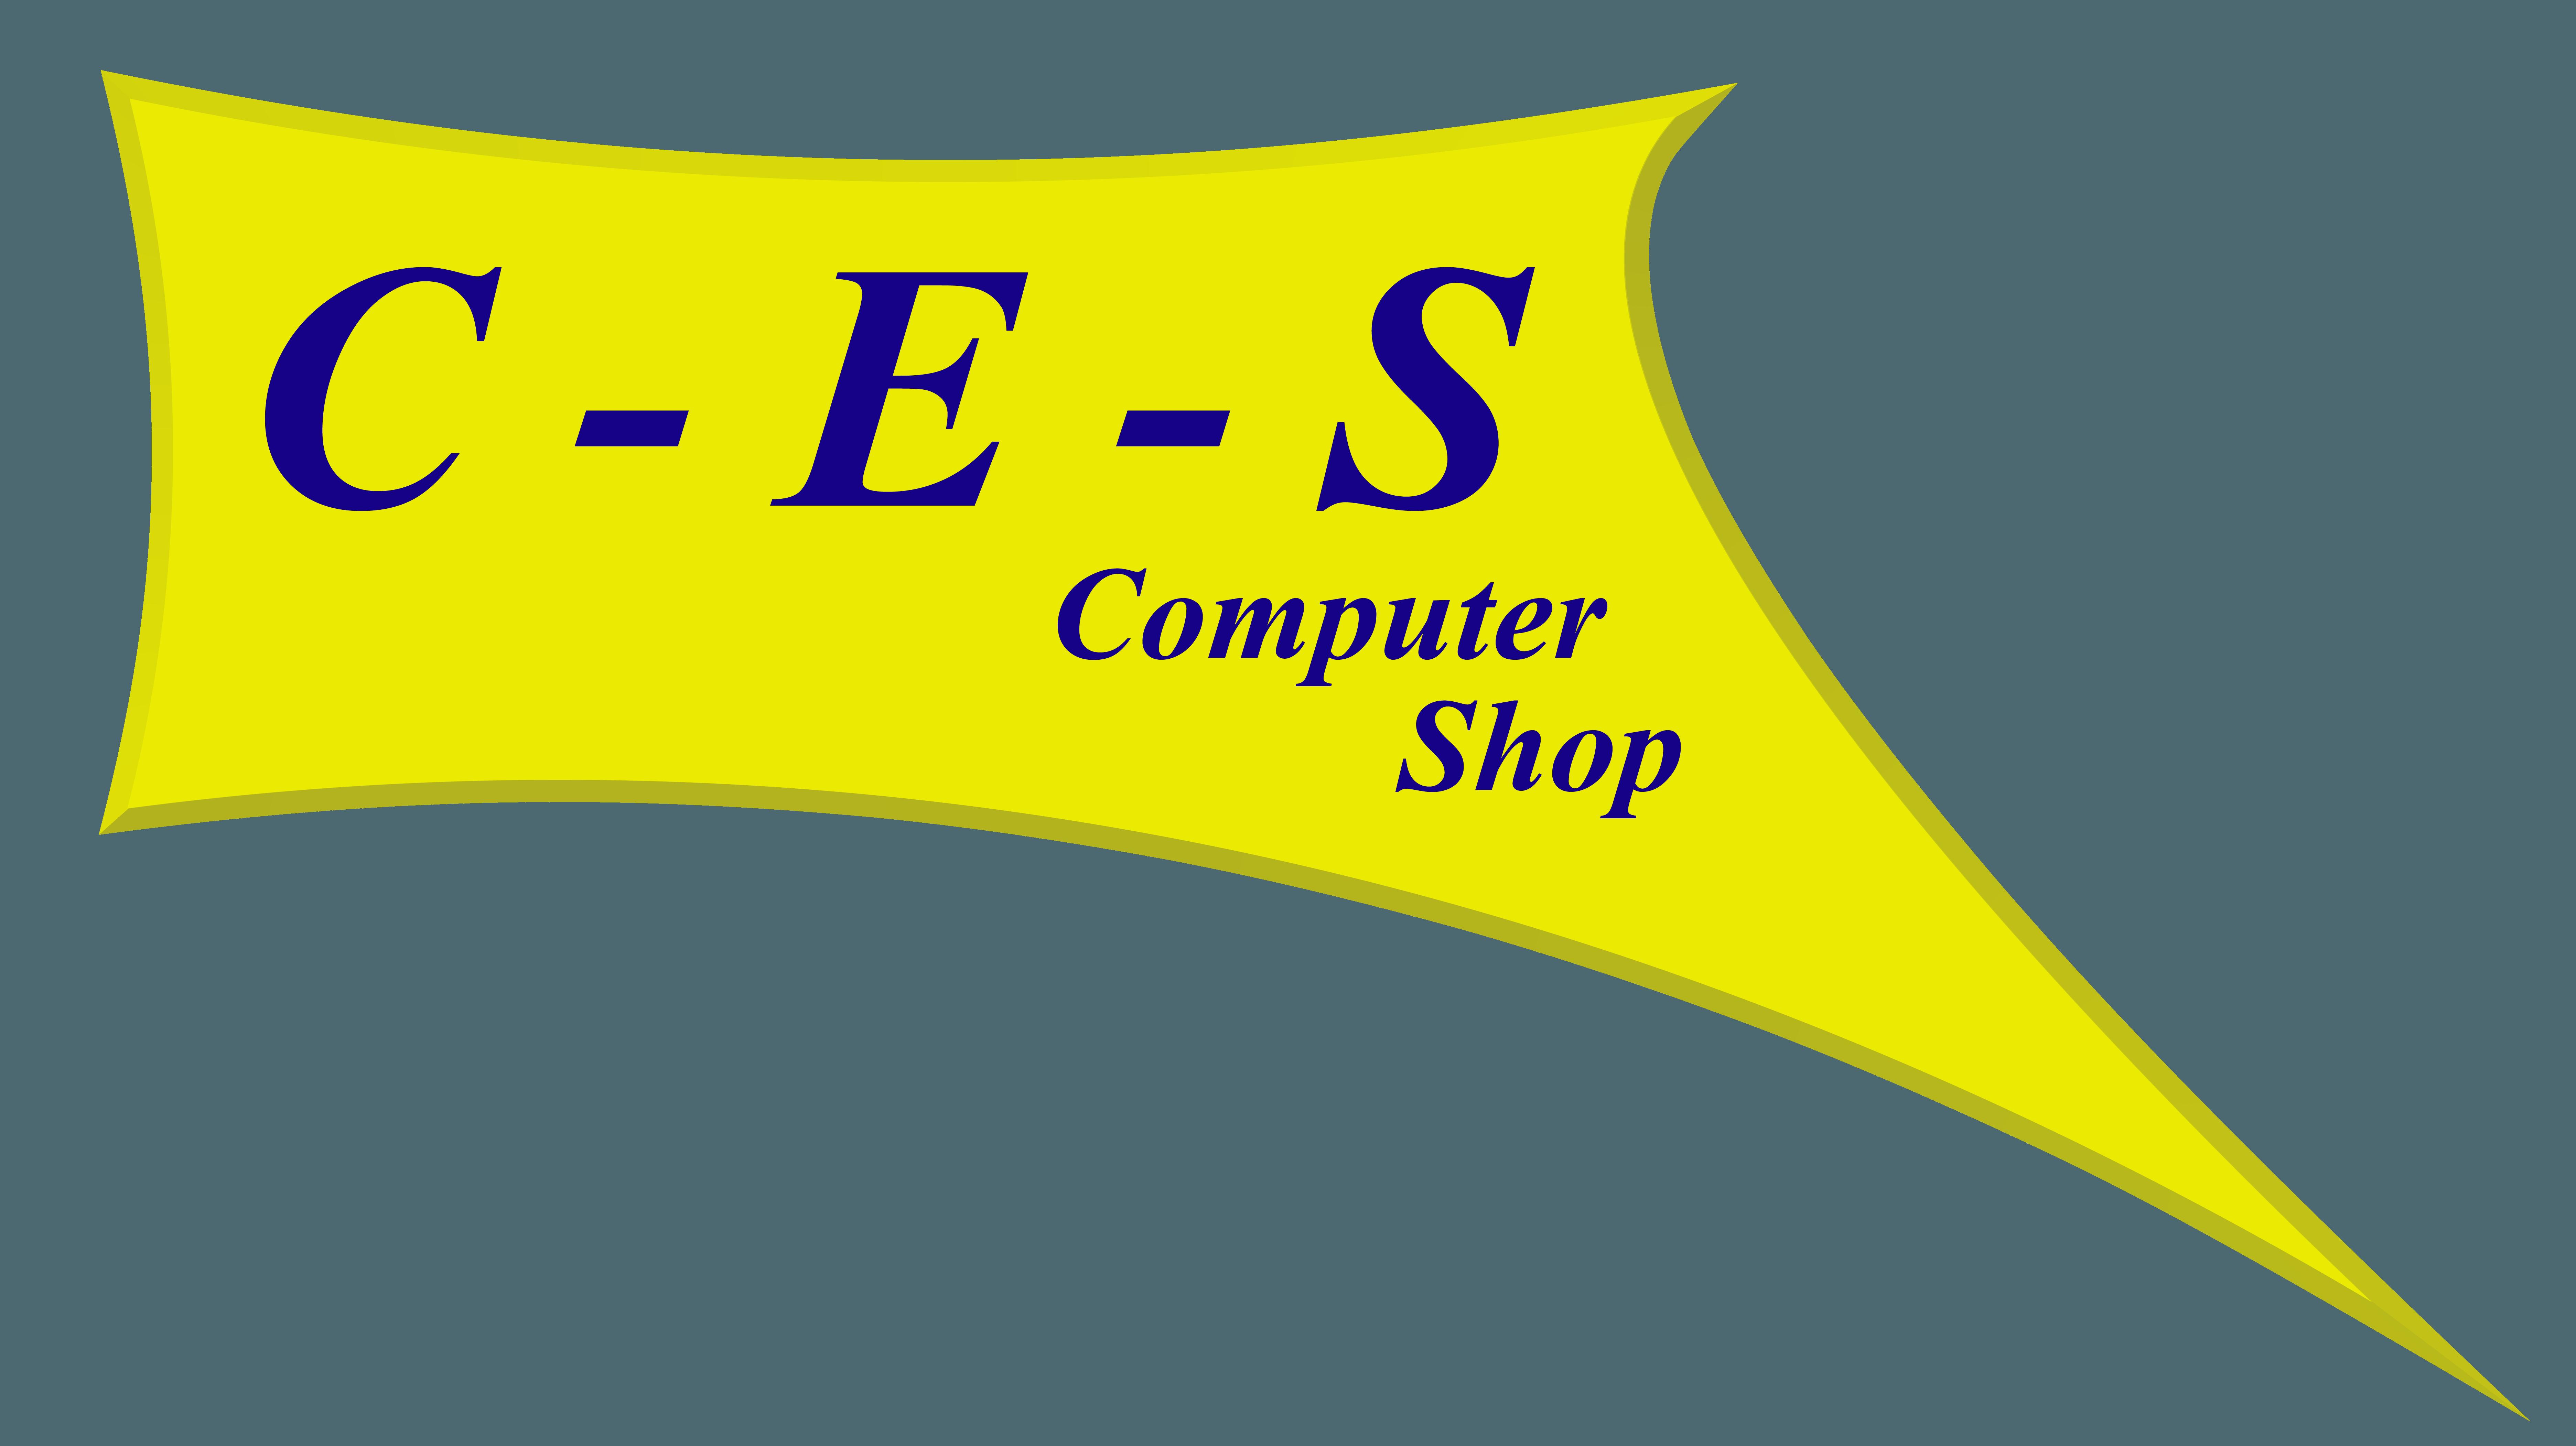 C-E-S Computer Logo